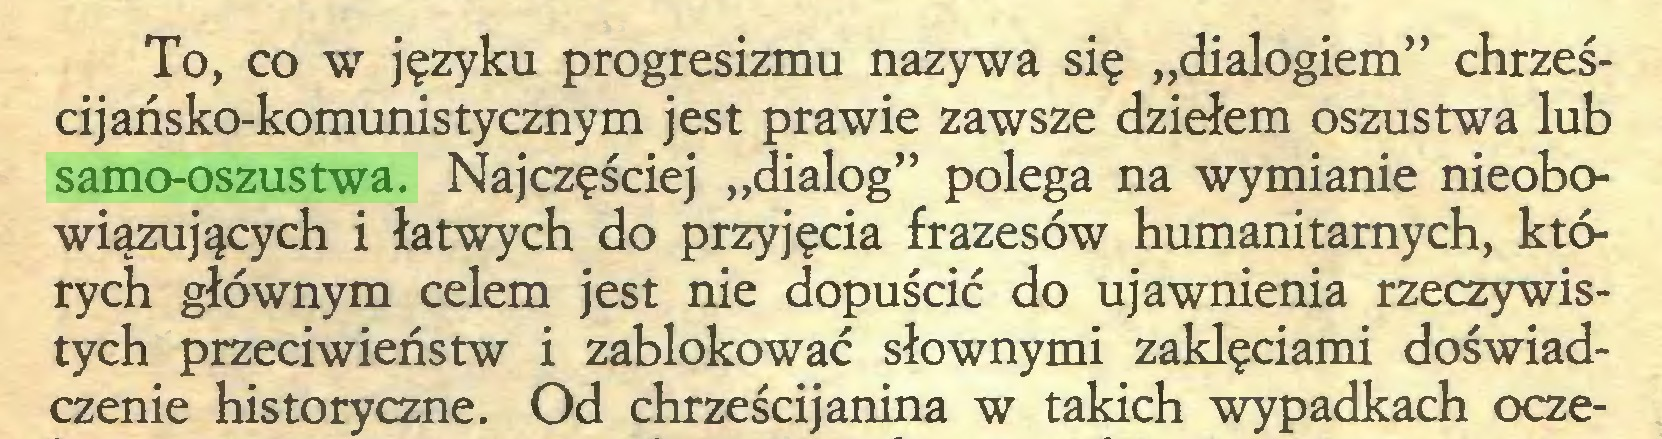 """(...) To, co w języku progresizmu nazywa się """"dialogiem"""" chrześcijańsko-komunistycznym jest prawie zawsze dziełem oszustwa lub samo-oszustwa. Najczęściej """"dialog"""" polega na wymianie nieobowiązujących i łatwych do przyjęcia frazesów humanitarnych, których głównym celem jest nie dopuścić do ujawnienia rzeczywistych przeciwieństw i zablokować słownymi zaklęciami doświadczenie historyczne. Od chrześcijanina w takich wypadkach ocze..."""